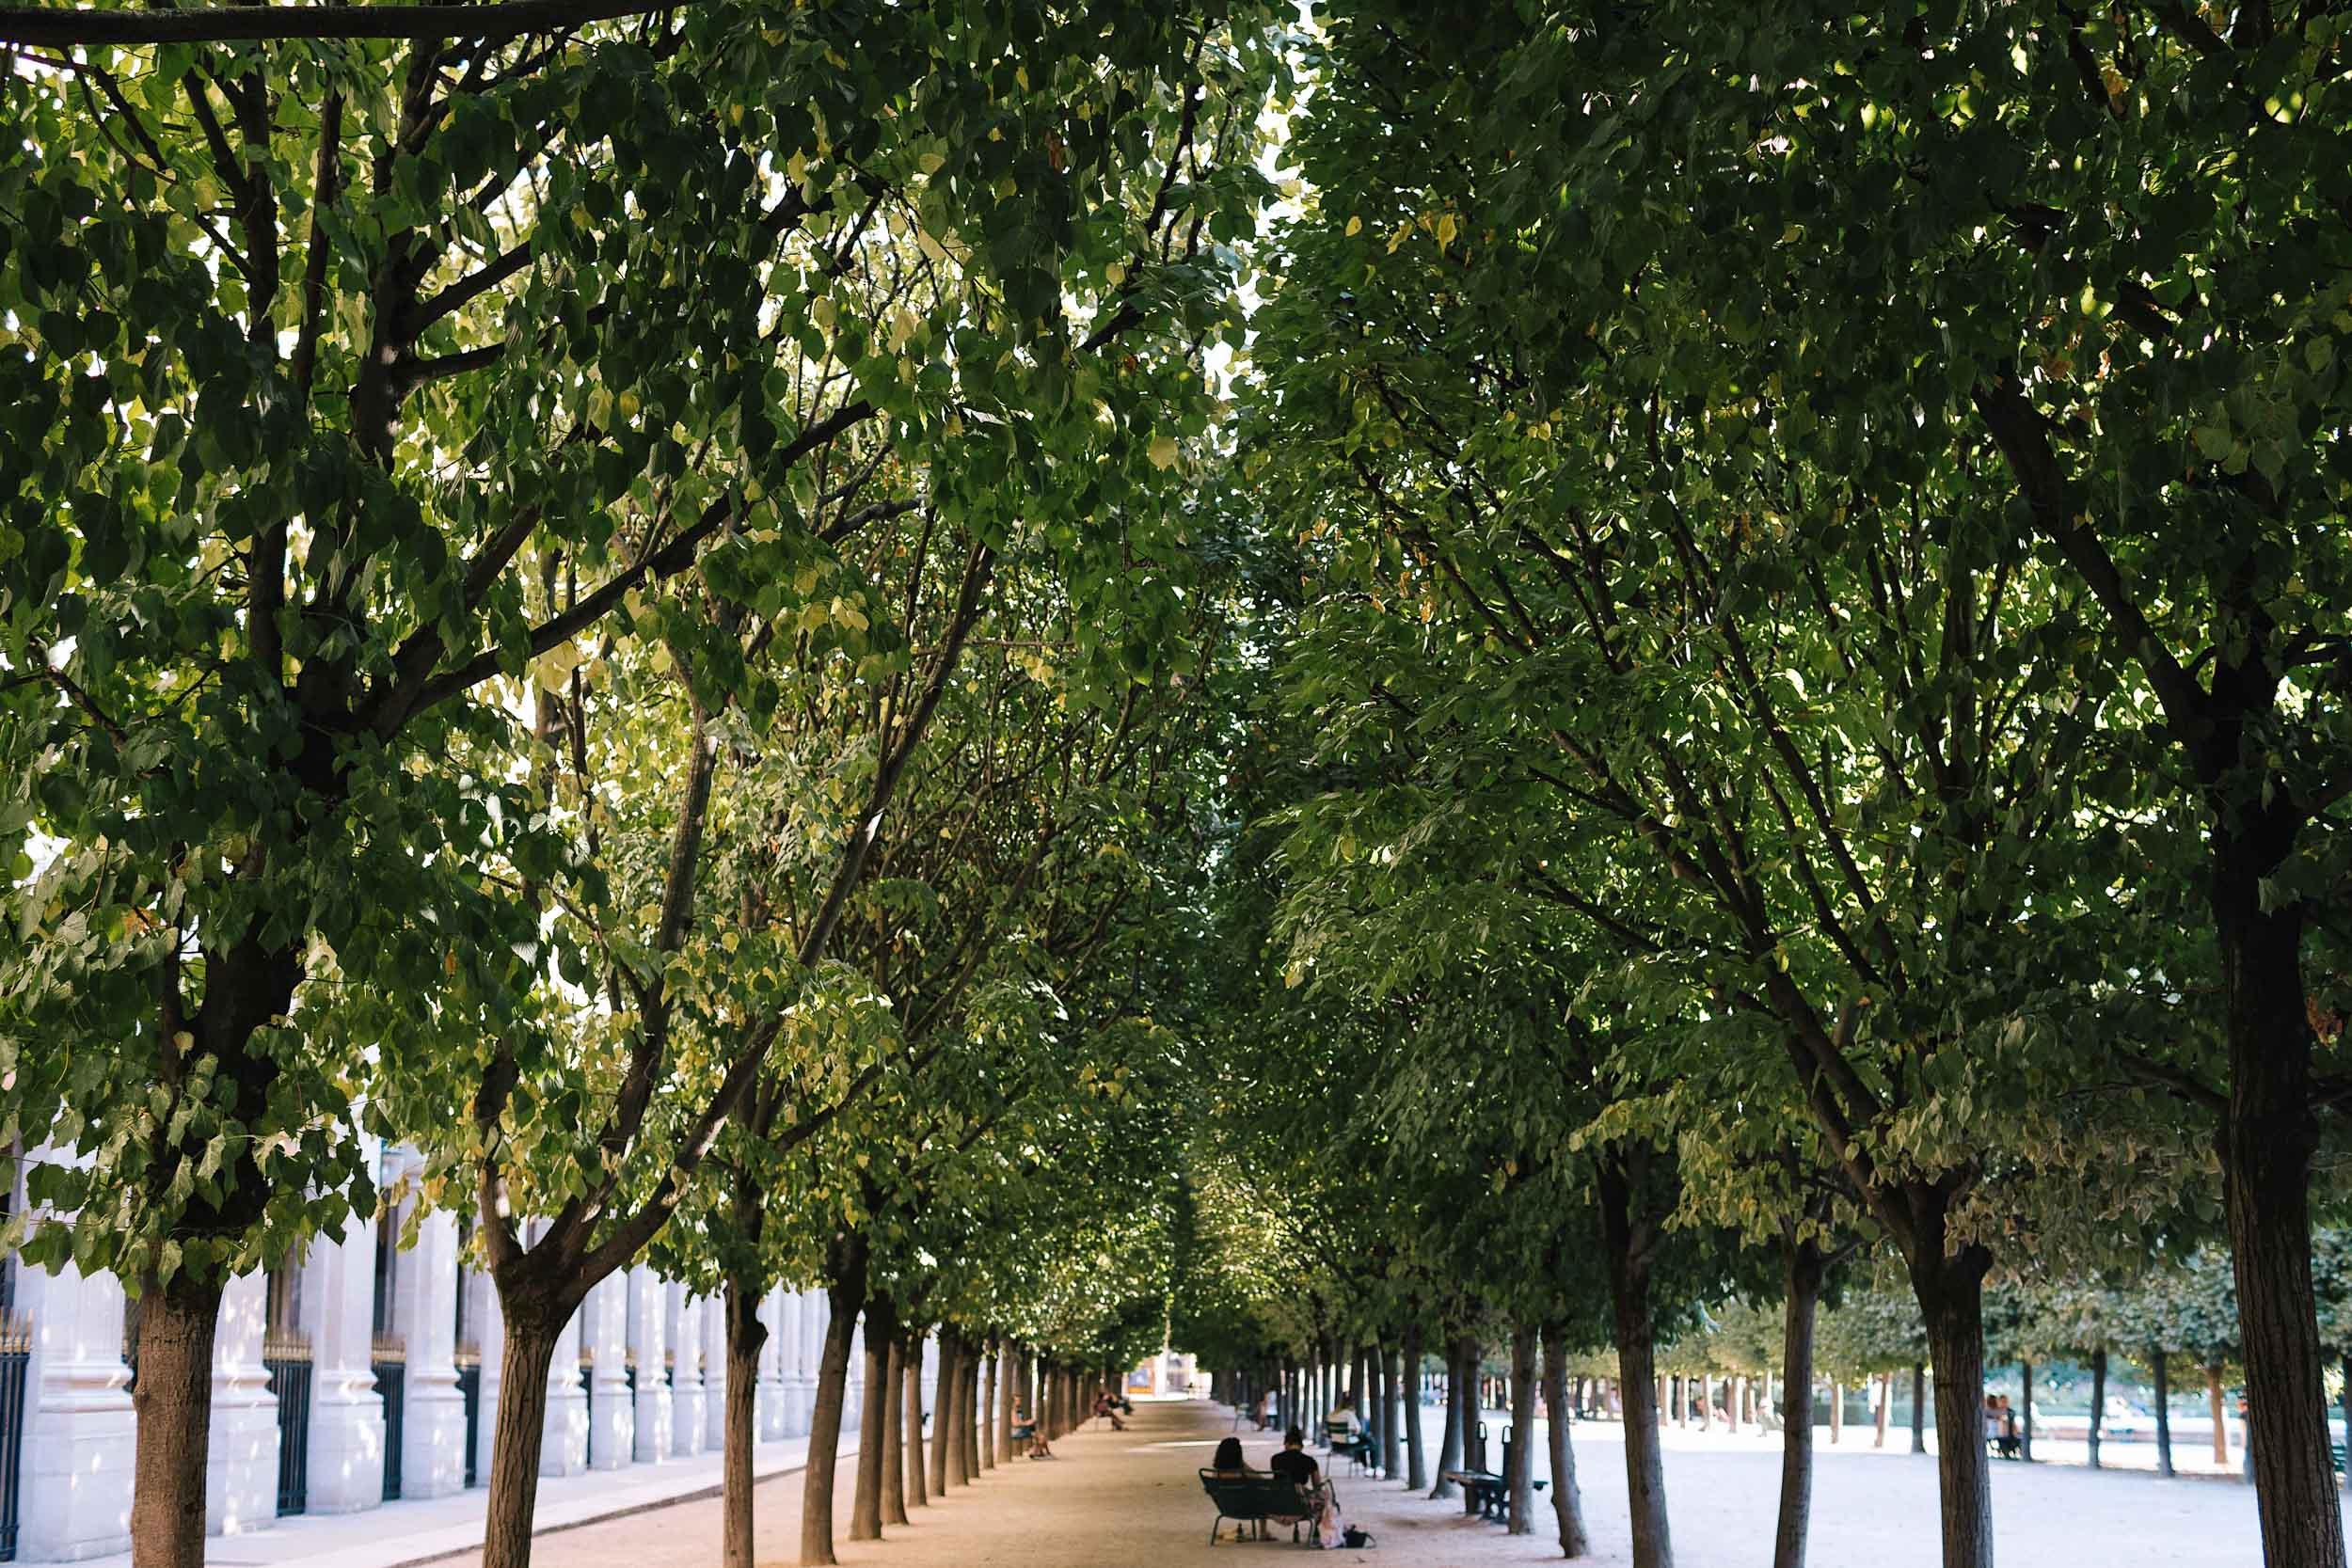 Jardin du Palais Royale in Paris' 1st Arr.